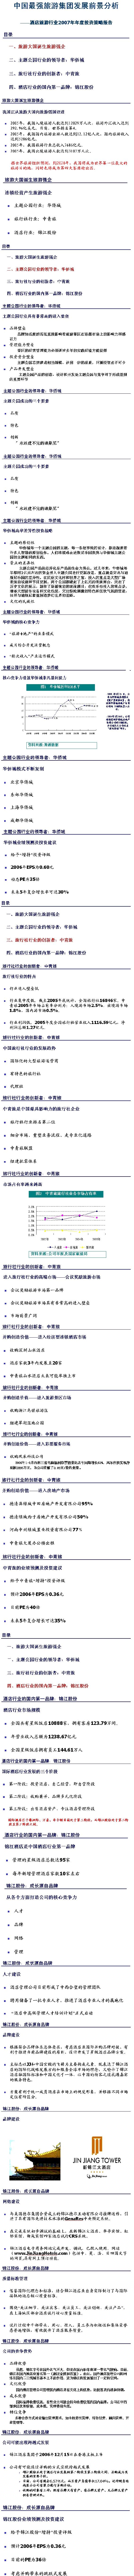 酒店旅游:中国最强旅游集团发展前景分析